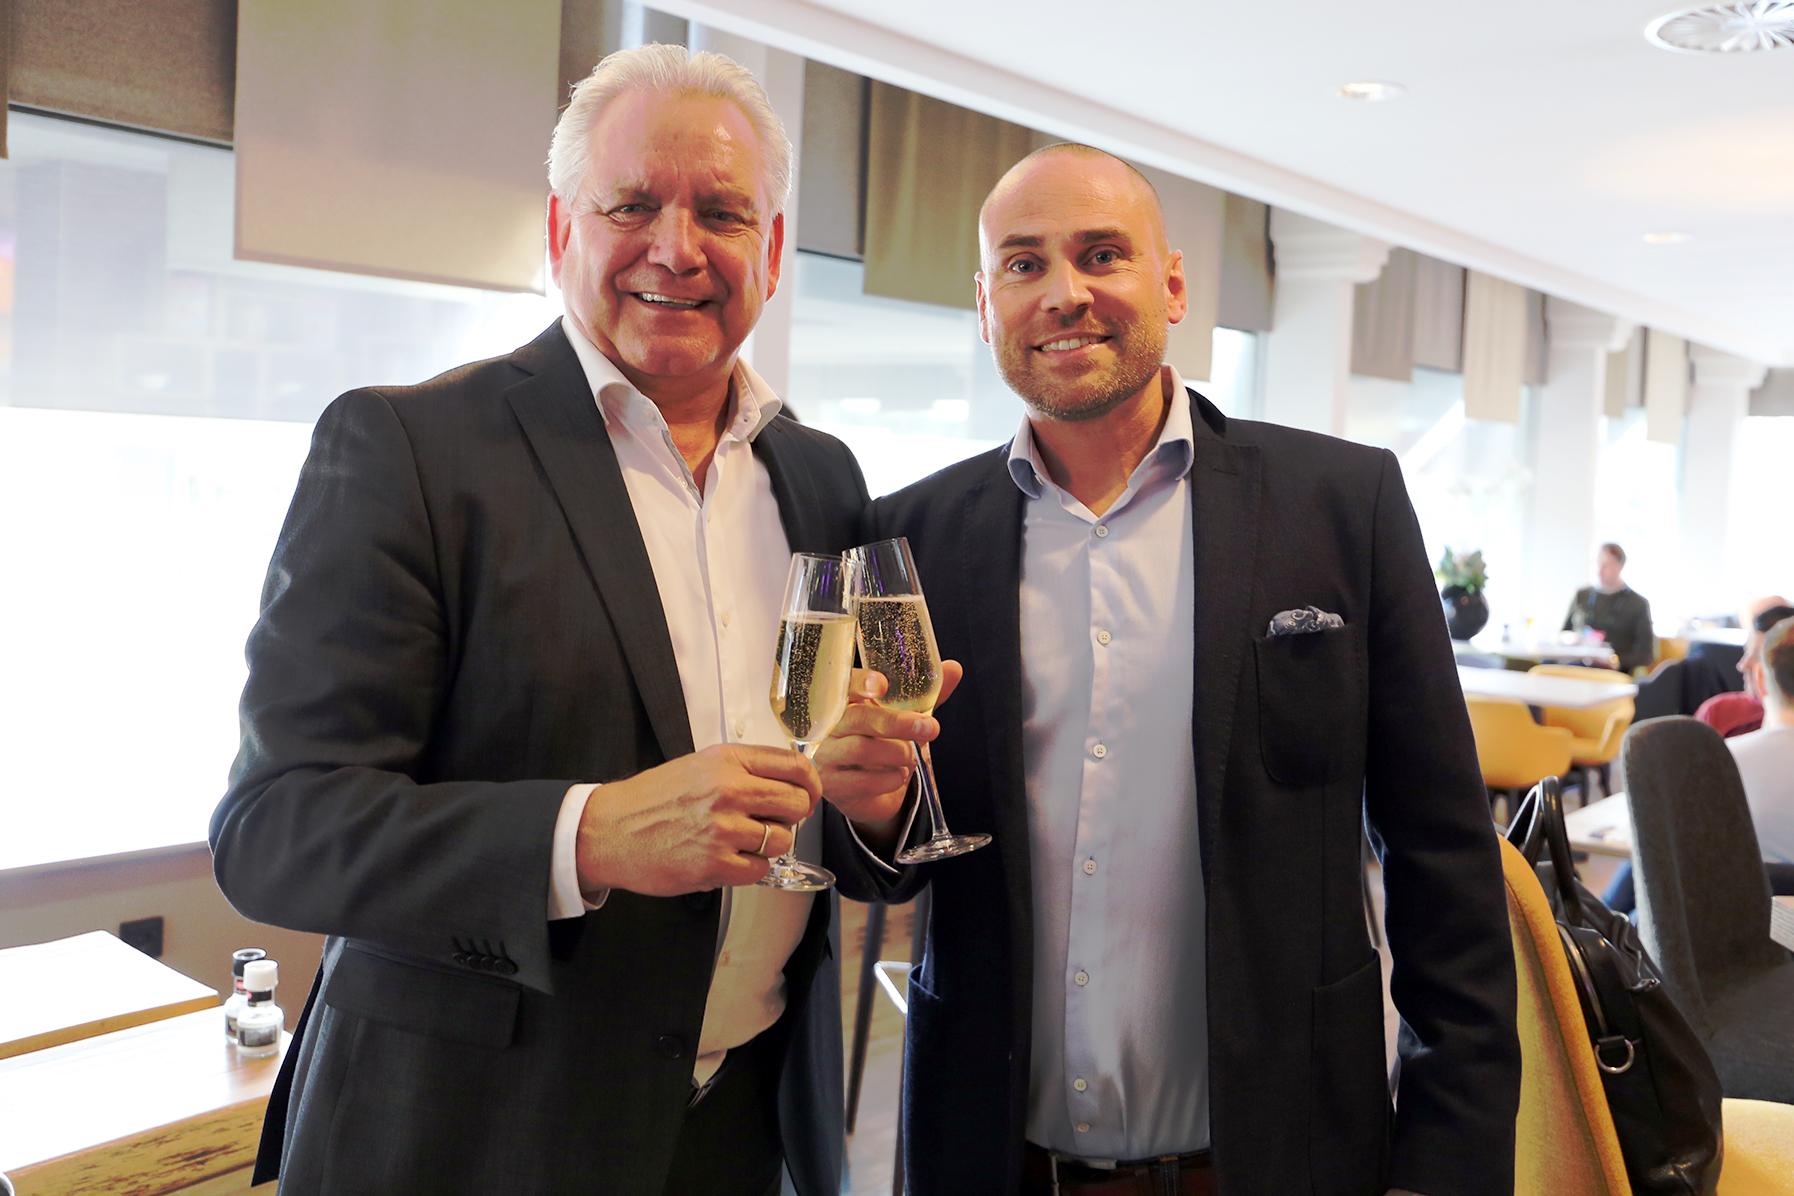 Varbi i partnerskap med Centric i Nederländerna